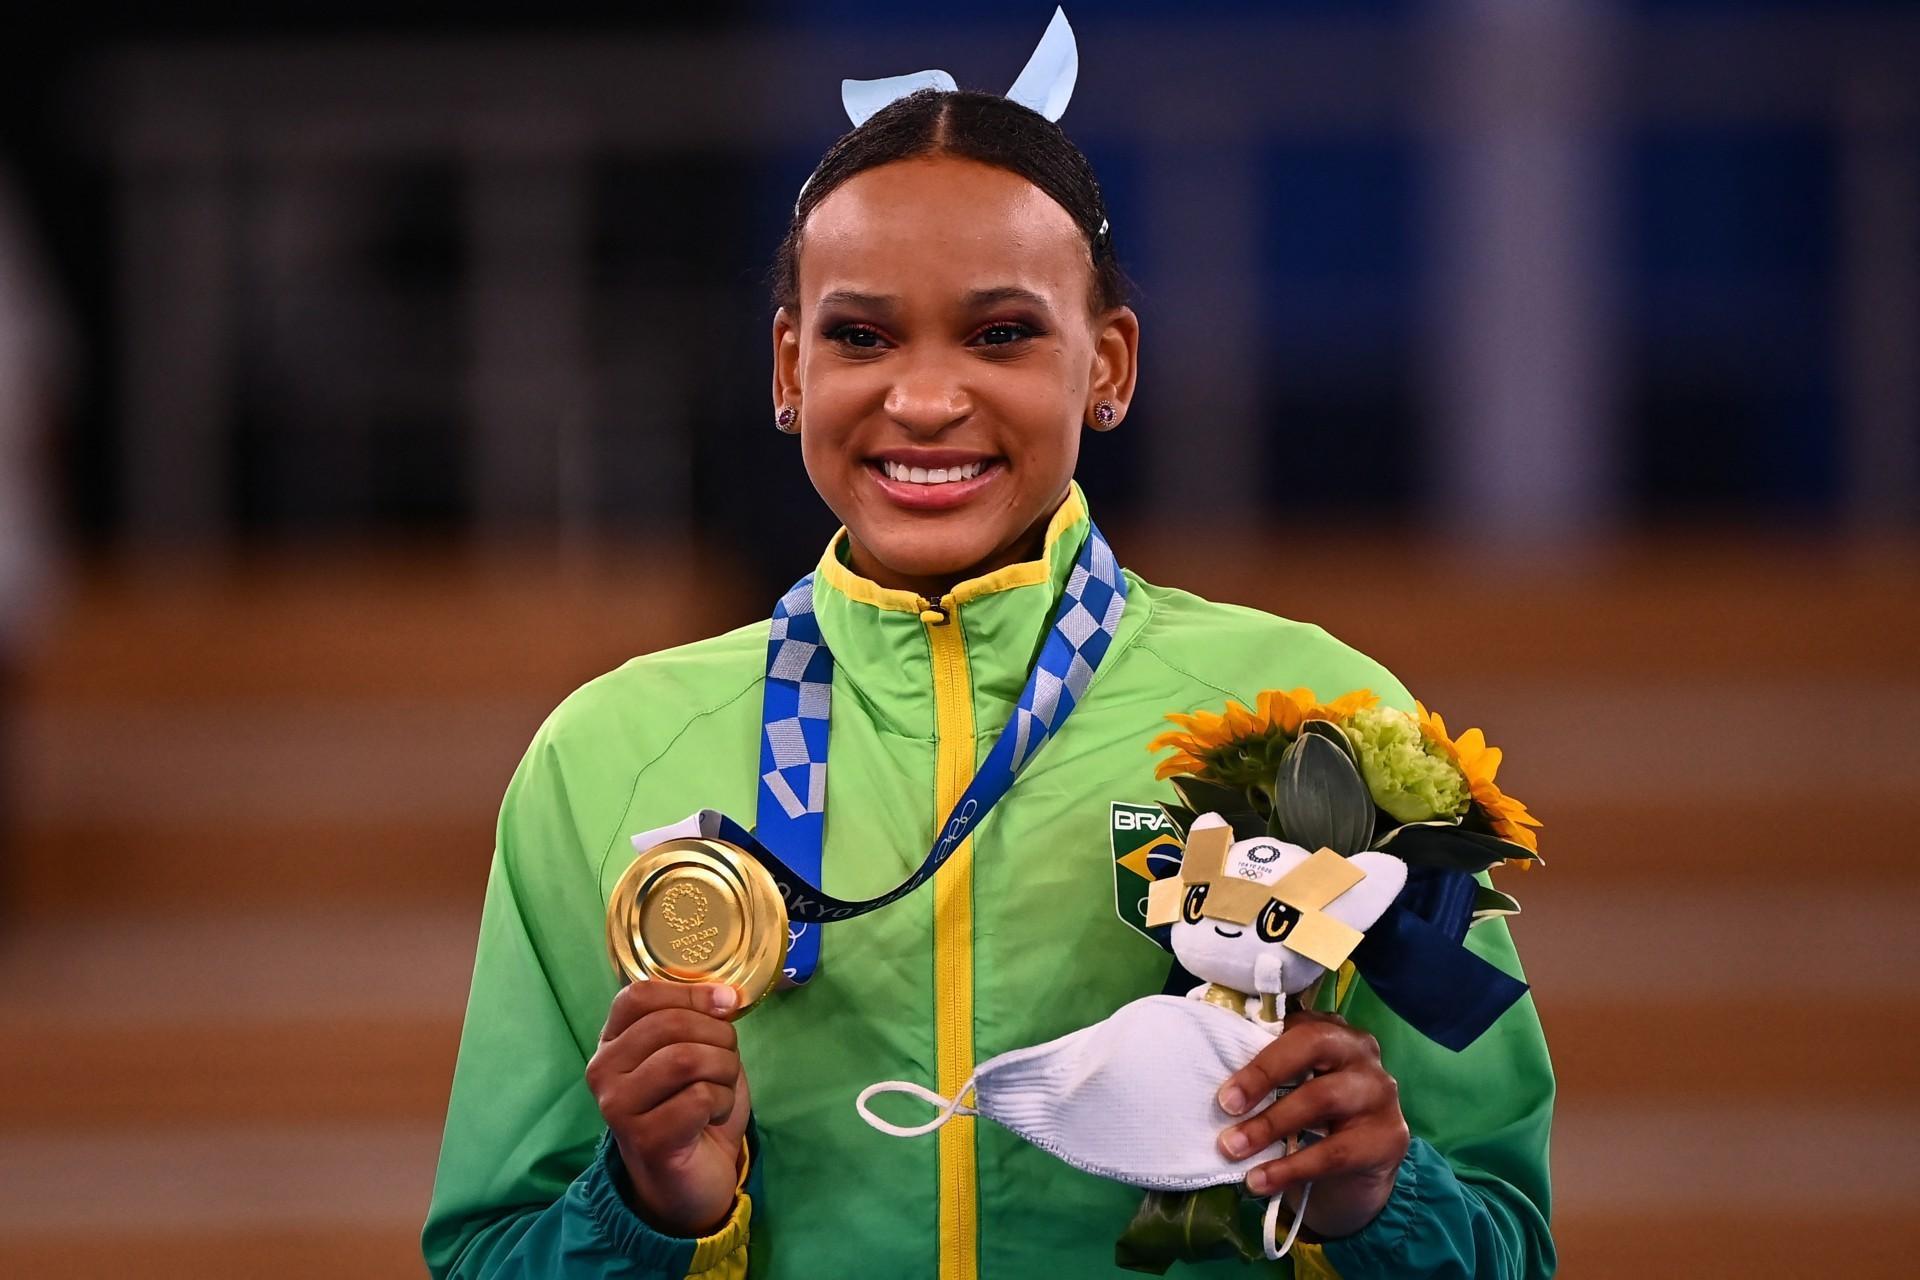 Após sucesso olímpico, Rebeca Andrade busca medalha no mundial